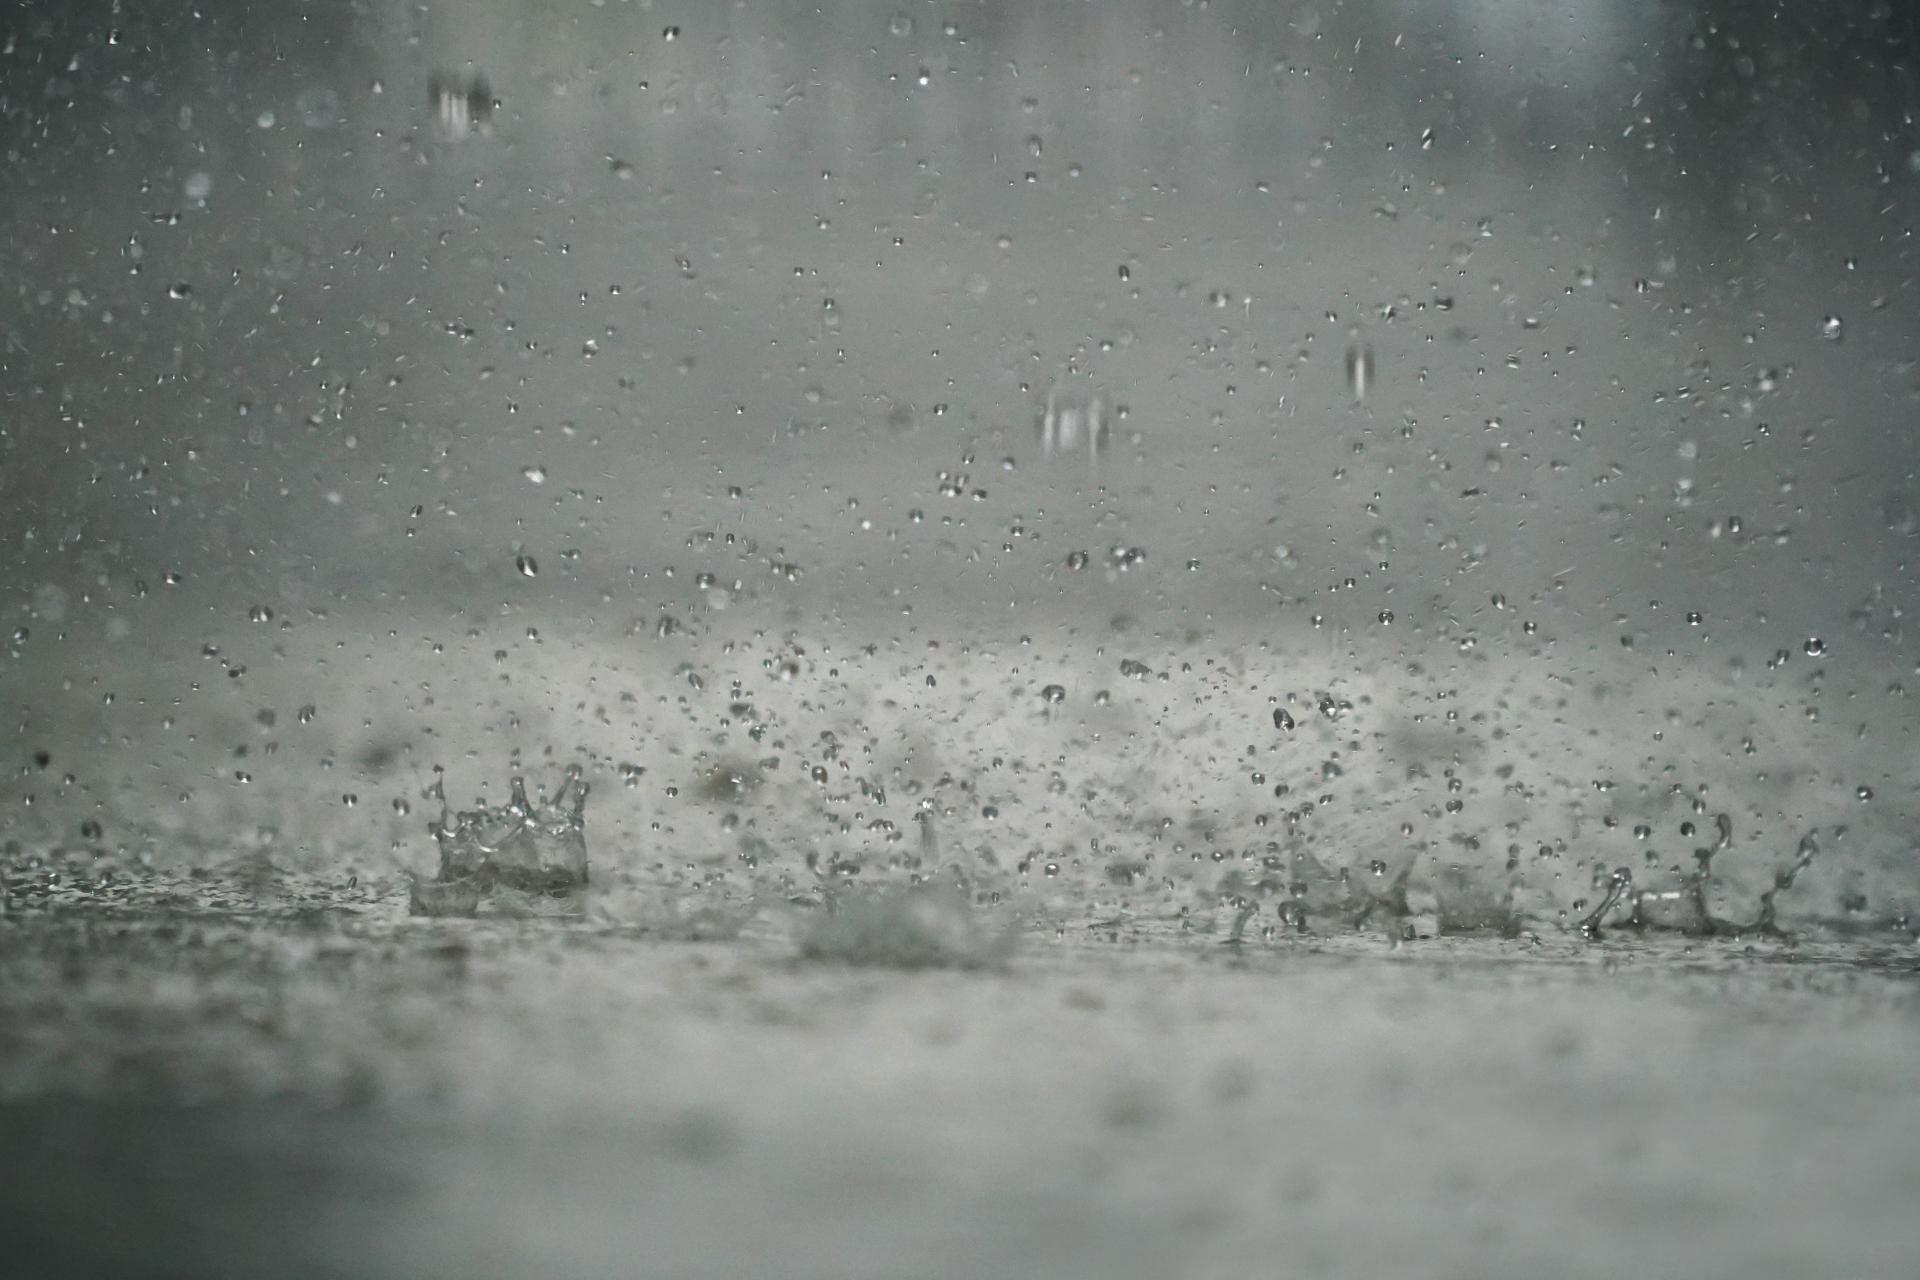 Даже такой сильный дождь не способен вызвать боли в местах бывших переломов